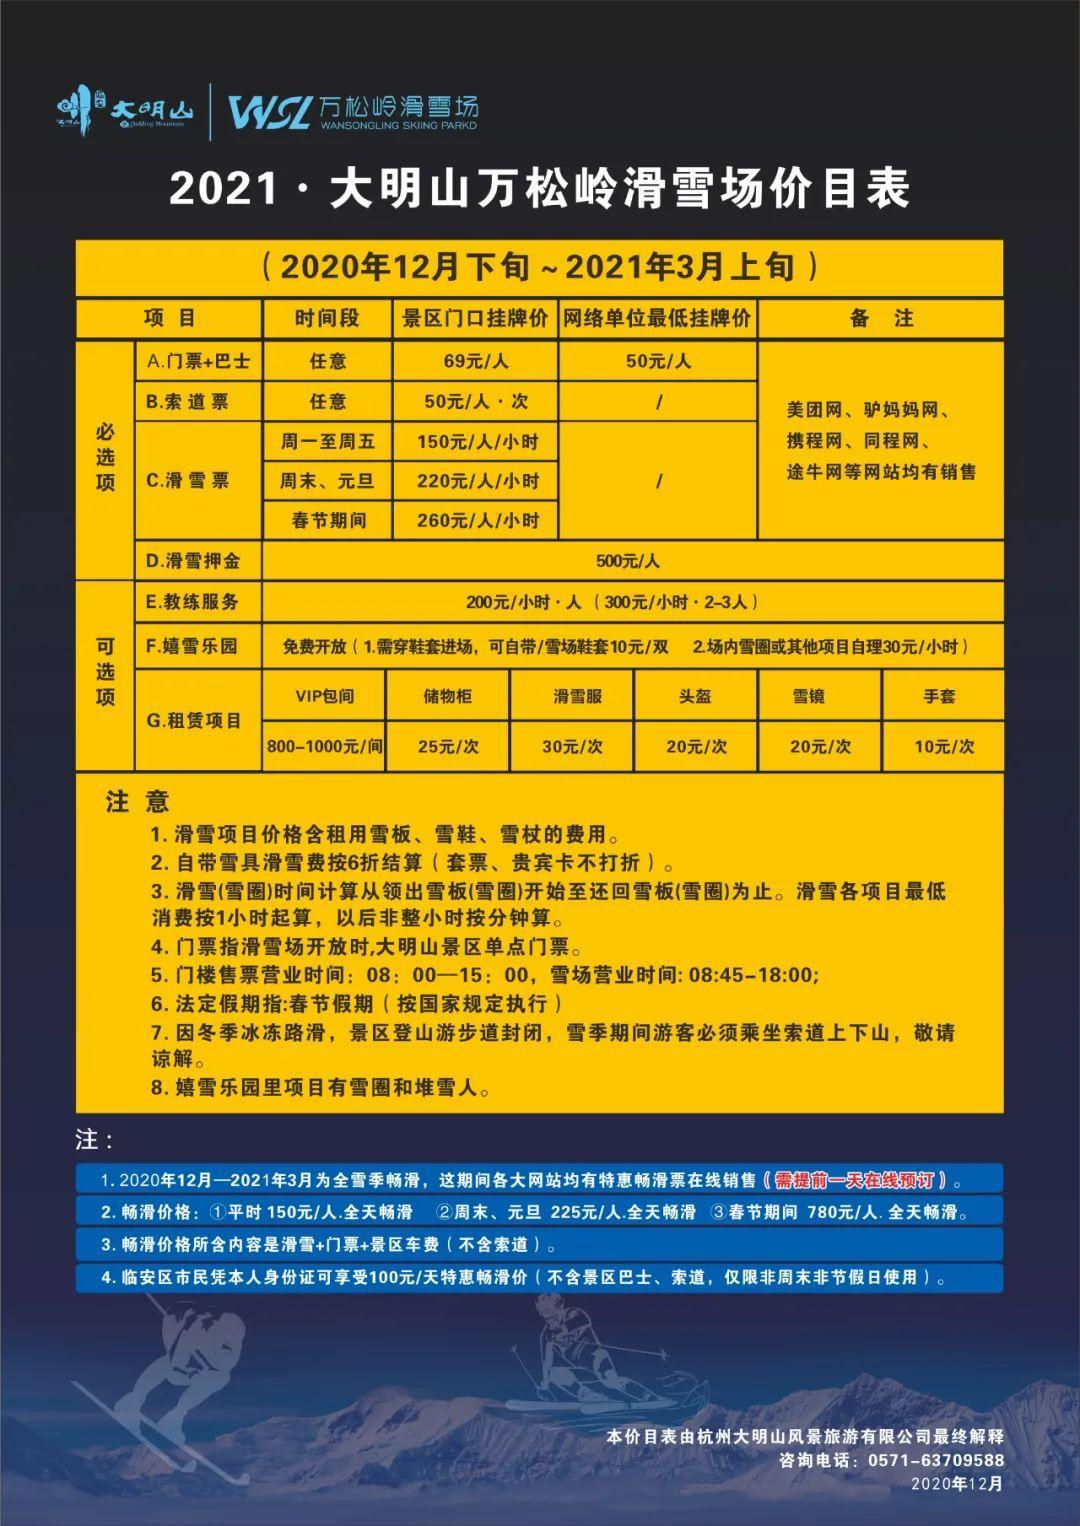 12月17日,杭州大明山万松岭滑雪场开滑啦!